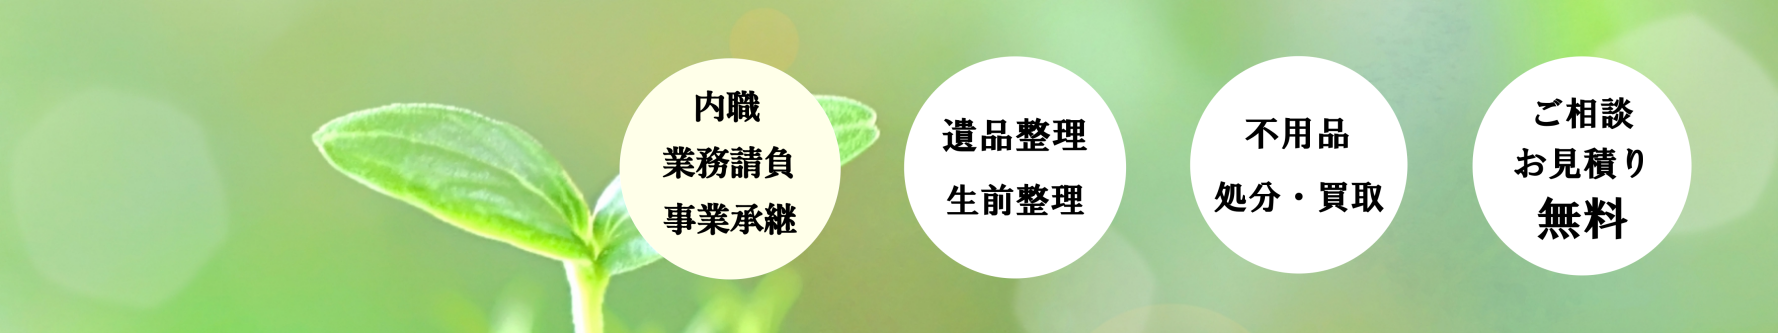 スターワーク株式会社・片付け便利屋スターワーク 弊社は名古屋市全域、愛知県西部を域として地域に根ざした便利屋です。どこに頼めばいいのだろうか?と思いましたら是非当社にご相談下さい。片付けから引取り回収、買取までオールマイティに対応しております。 主なサービス内容 ・ゴミ屋敷片付けのお手伝い ・生前整理のお手伝い ・遺品整理のお手伝い ・不用品片付けのお手伝い ・ゴミ片付けのお手伝い ・引越しのお手伝い ・不用品の買取 ・雑草刈取り等さまざまなお手伝いをいたします。